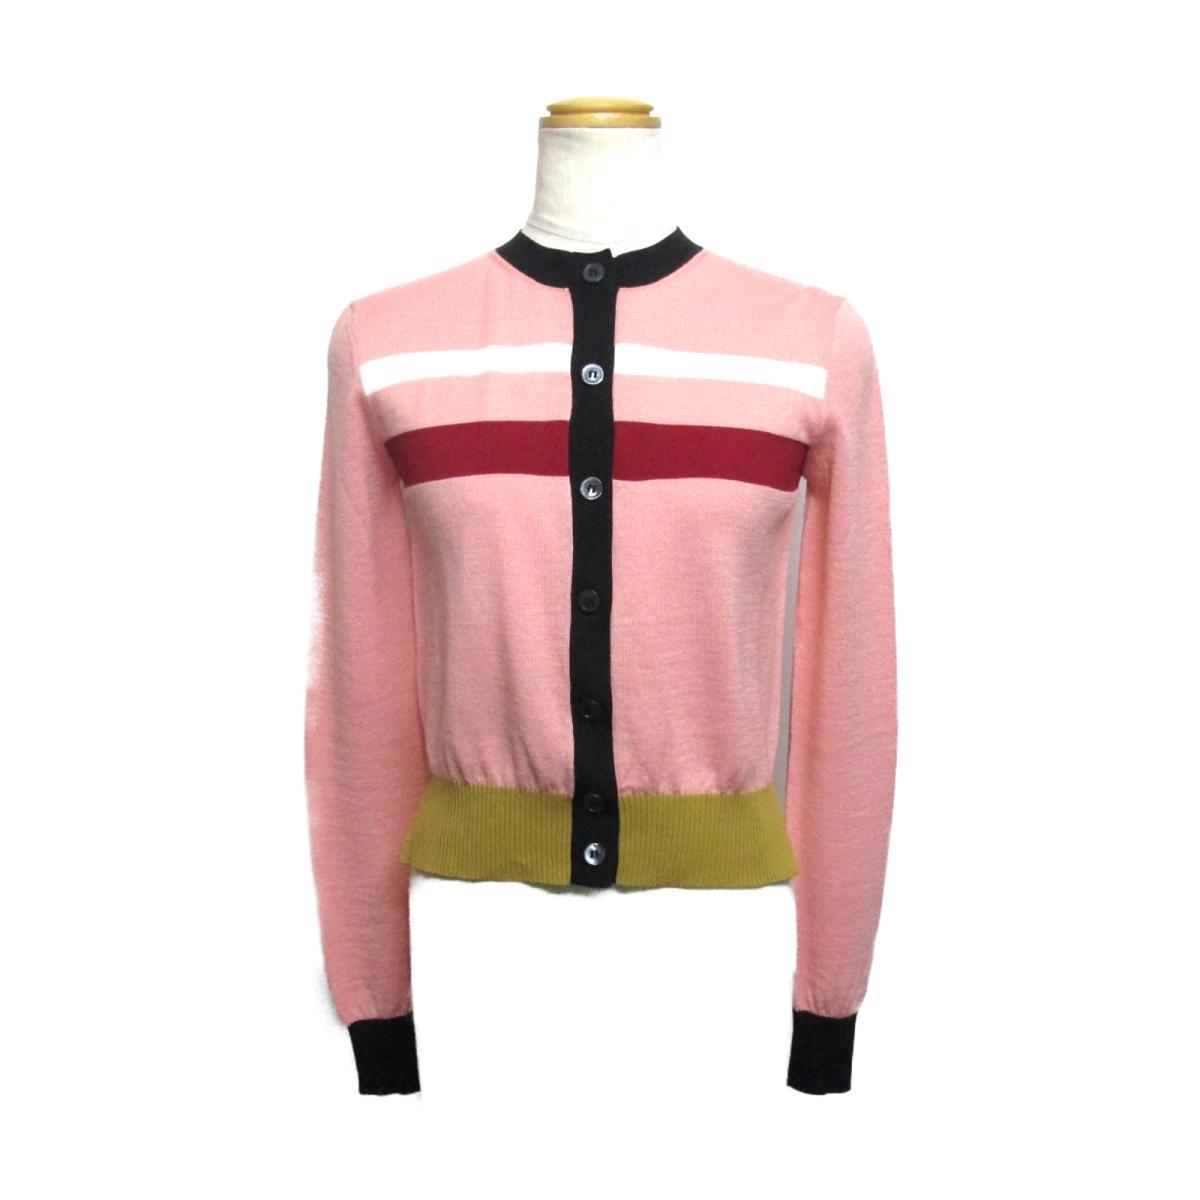 【中古】 マルニ MARNI カーディガン レディース アセテート (46%) ウール (34%) ナイロン (15%) カシミア (5%) ピンク x レッド ホワイト グリーン | BRANDOFF ブランドオフ 衣料品 衣類 ブランド トップス ボレロ